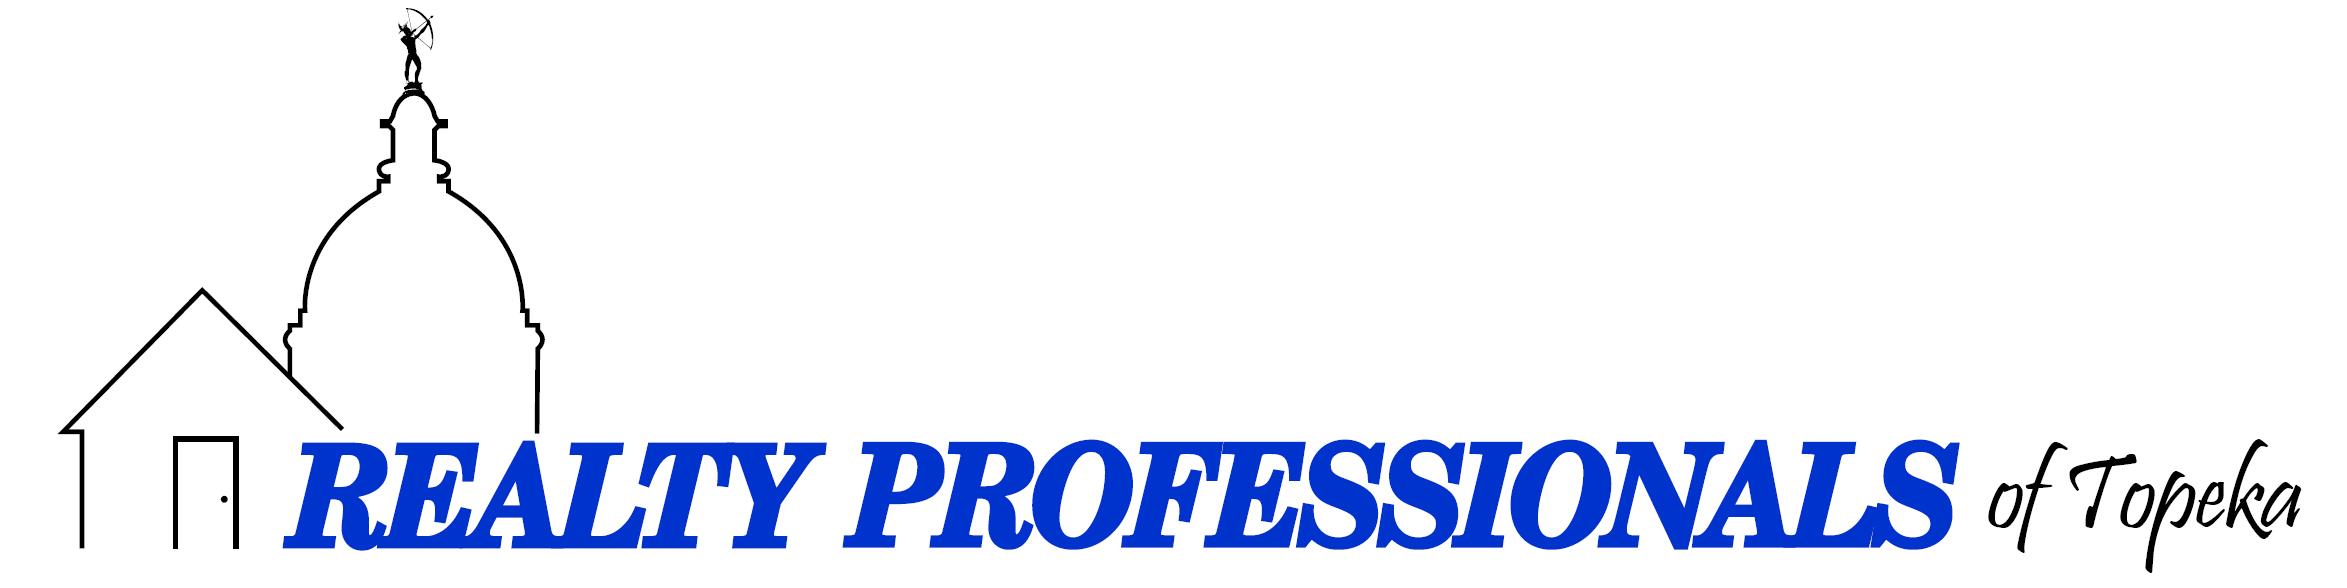 Realty Professionals, Topeka Kansas